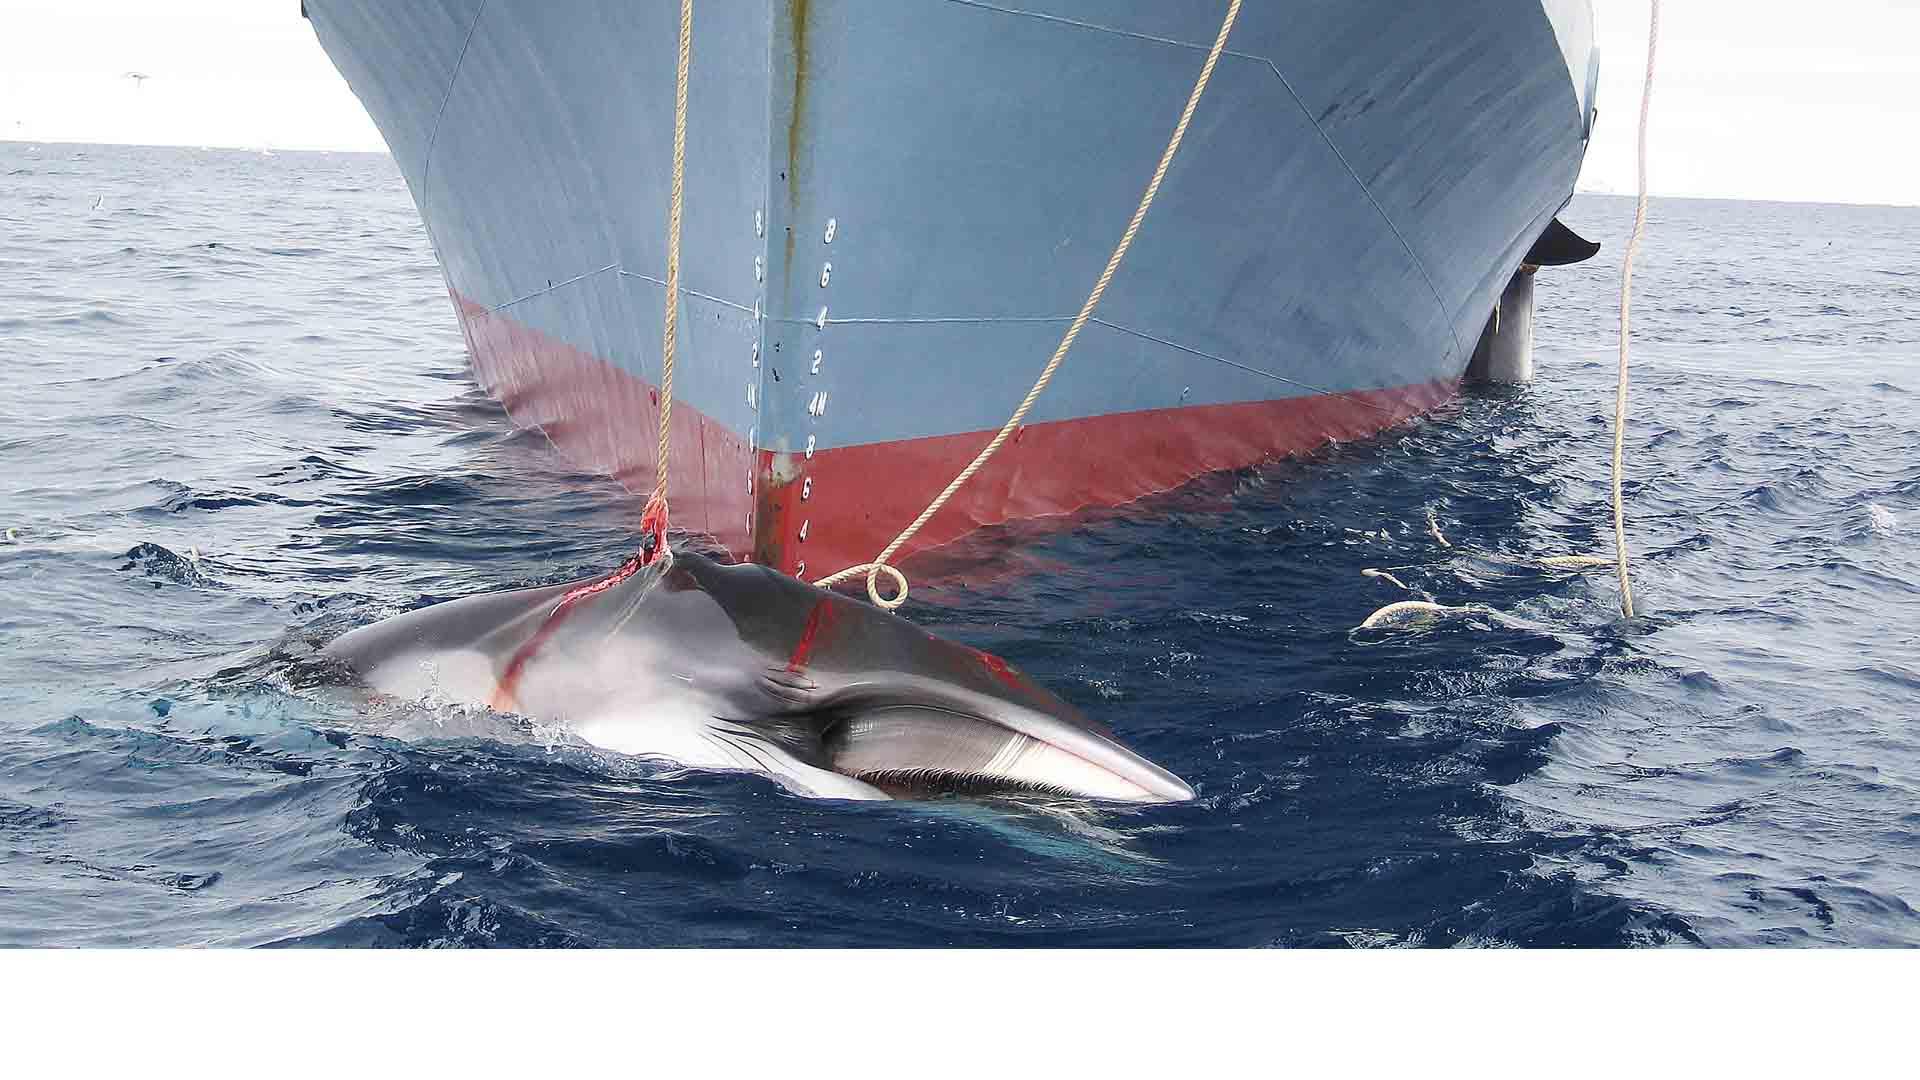 Debido a la creciente cantidad de cacería a está raza marina se espera tratar el tema lo más pronto posible ante la Comisión Ballenera Internacional